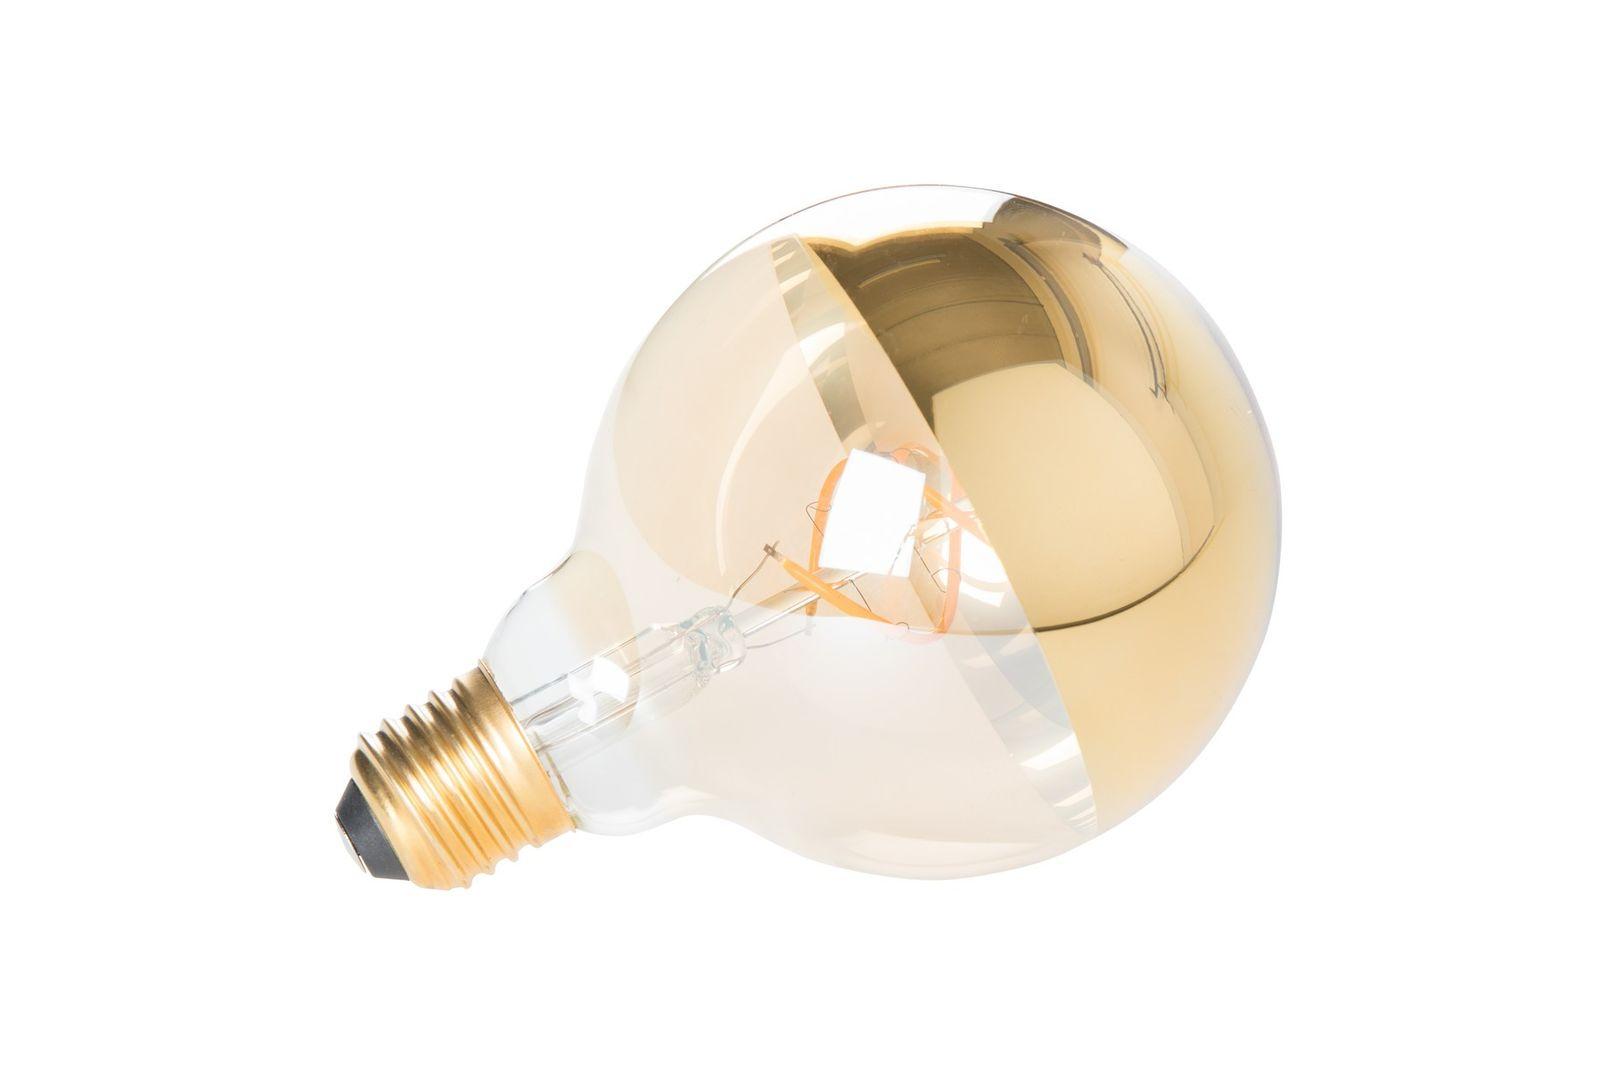 Ampoule LED E27 globe en verre transparent et effet miroir